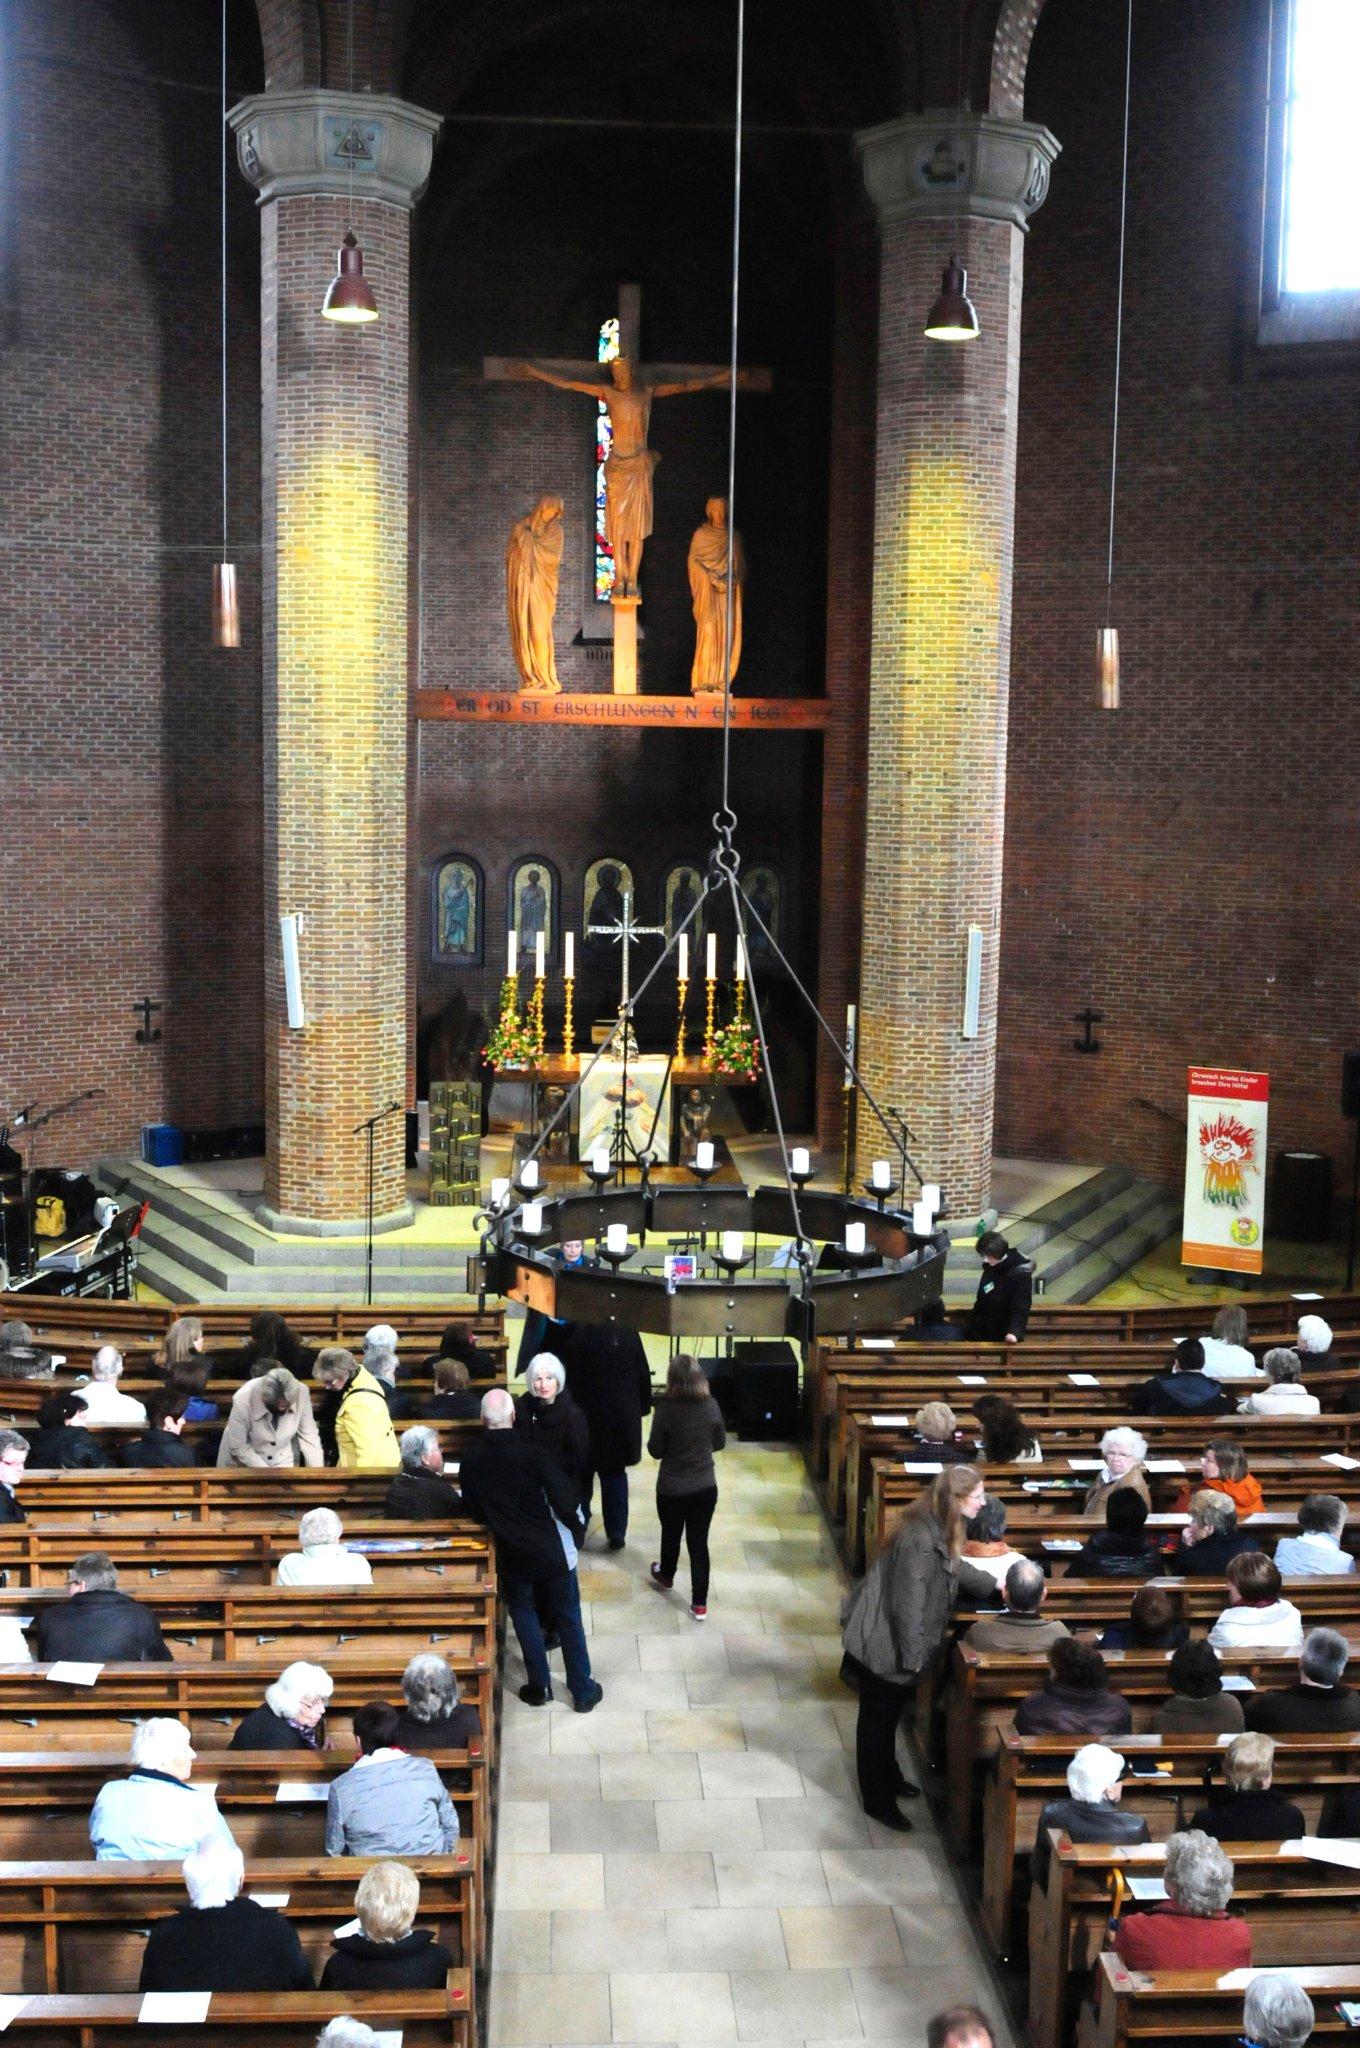 20120422 Reformations Gedaechtniskirche 003